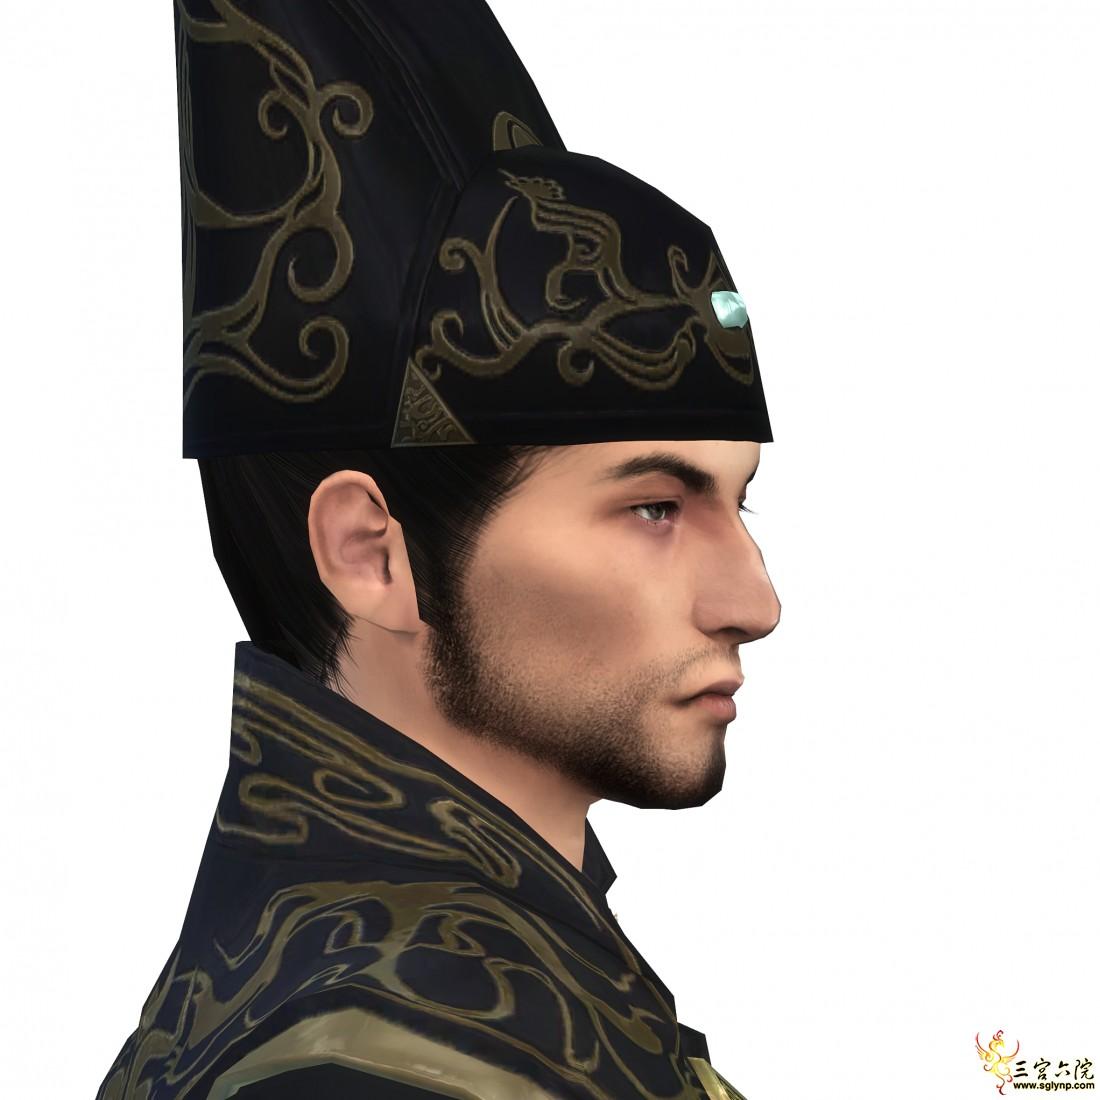 Sims 4 Screenshot 2019.09.05 - 19.59.29.86.png